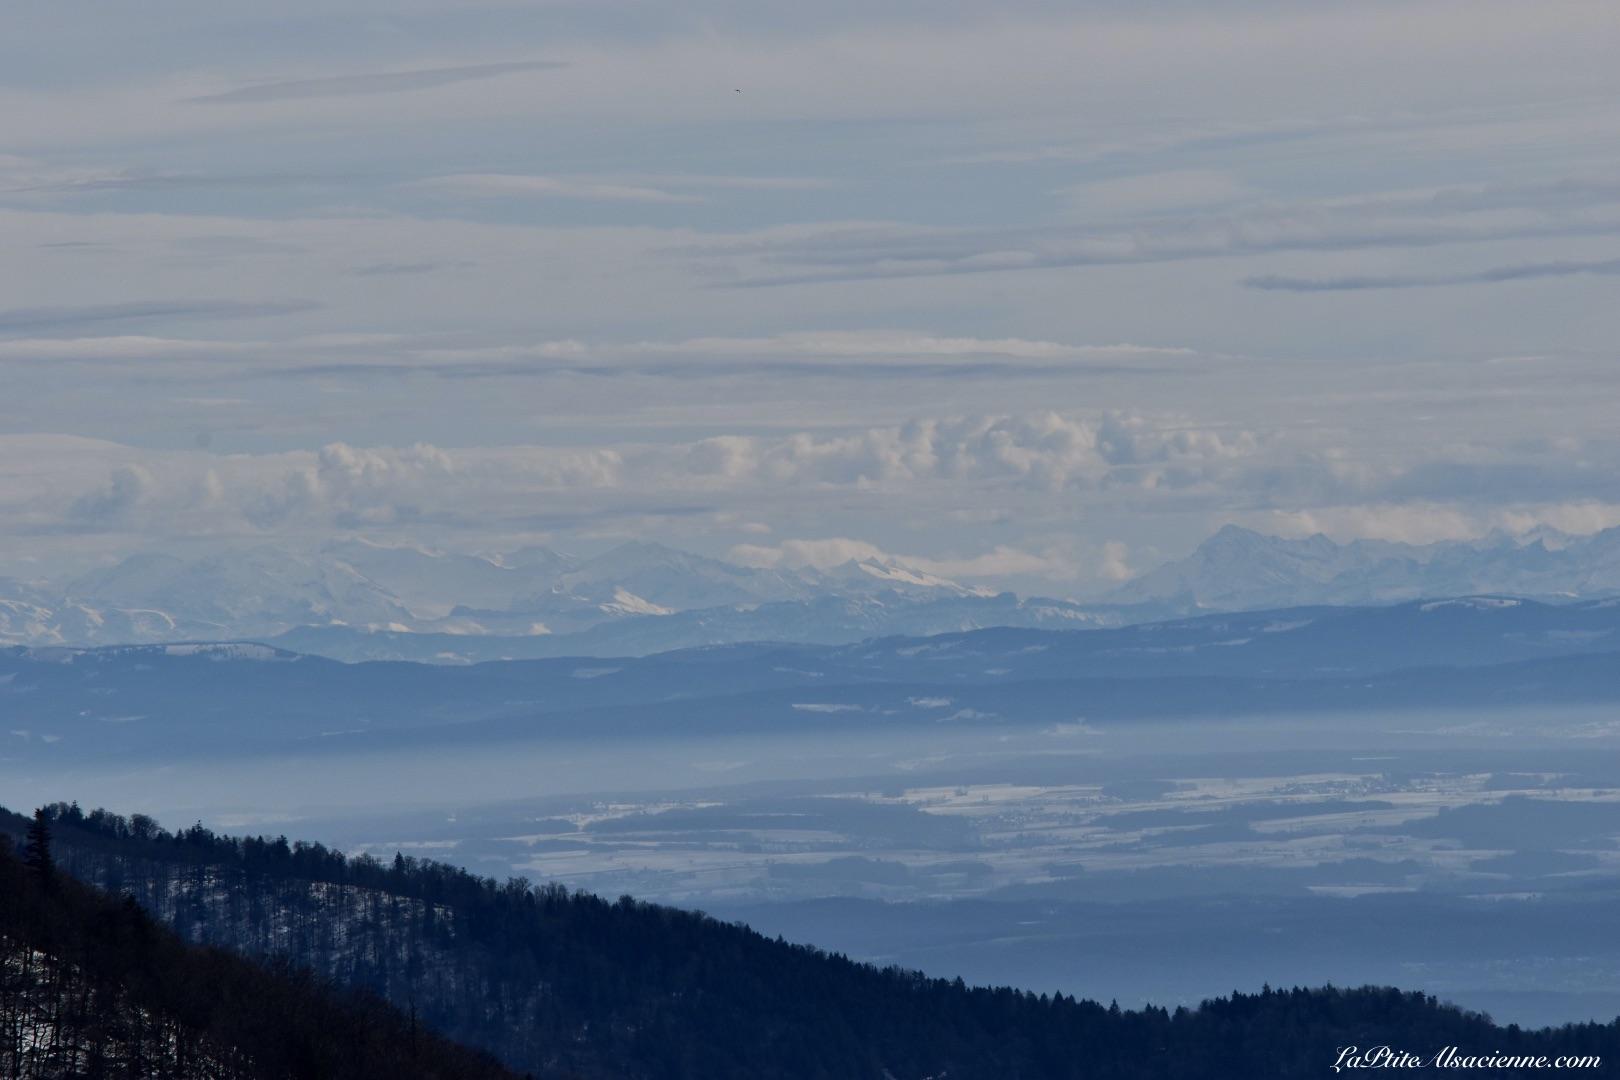 vue sur les Alpes depuis le Markstein. Photo du 16 février 2021 par Cendrine Miesch dite LaPtiteAlsacienne